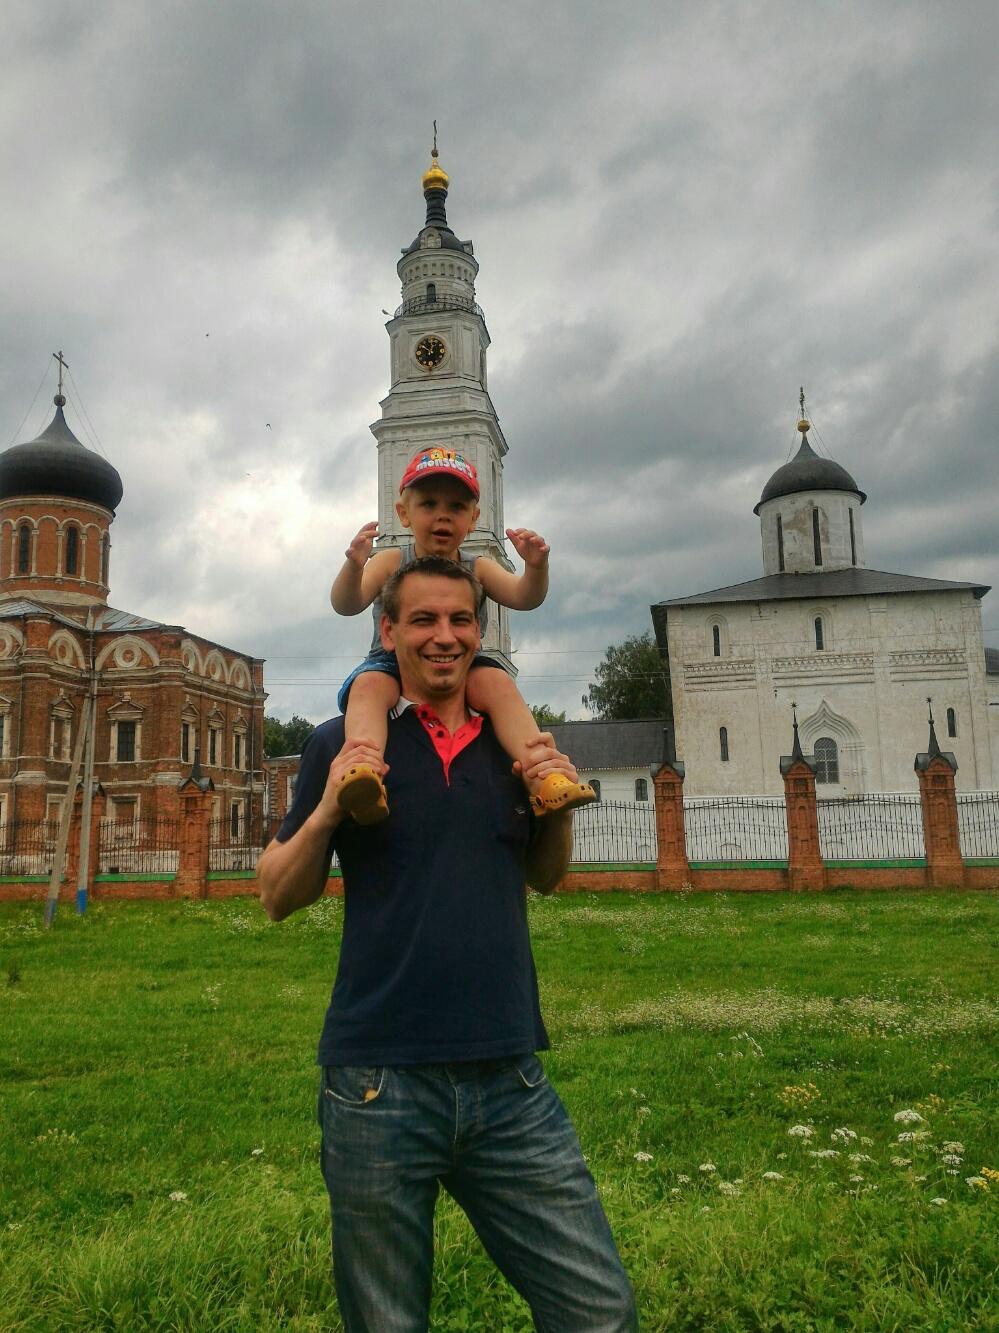 Тёмка с папой на фоне колокольни Волоколамского кремля